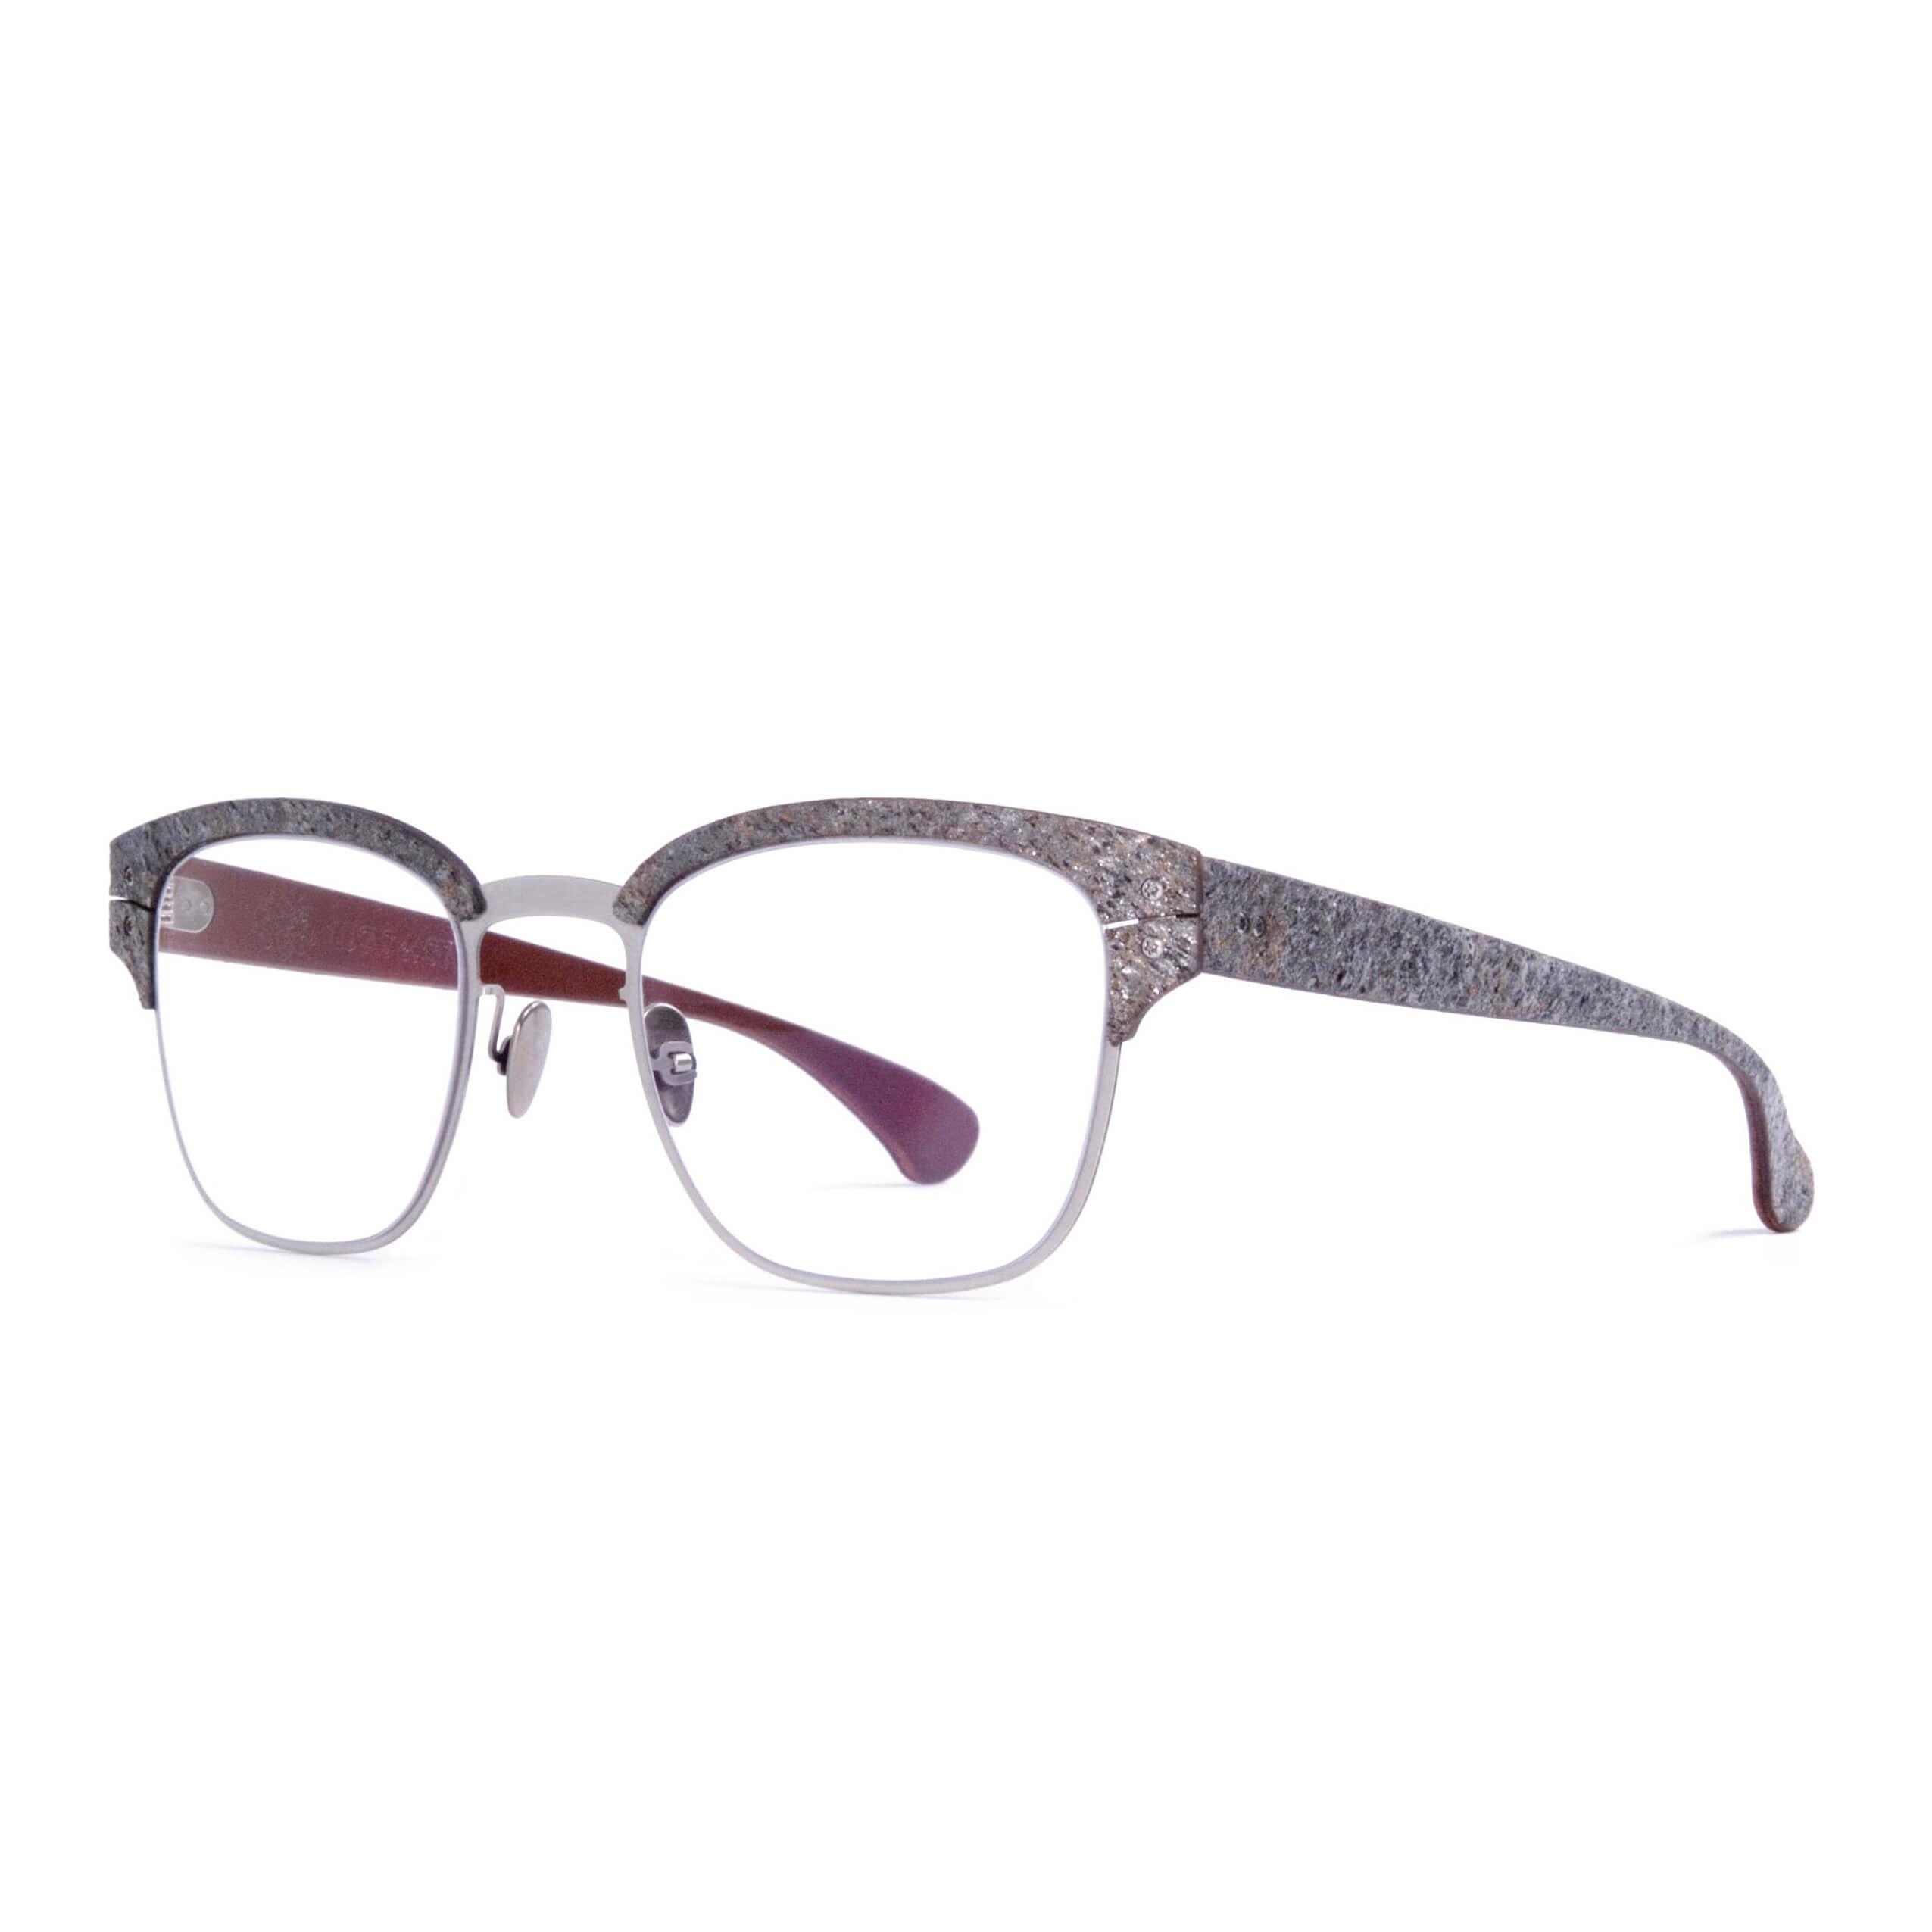 7b4a0de3ee5e37 De nieuwste brillen binnen de collectie zijn afgewerkt met gerookte kurk.  Sinds mei 2016 is er ook iedere maand een gelimiteerd model verkrijgbaar